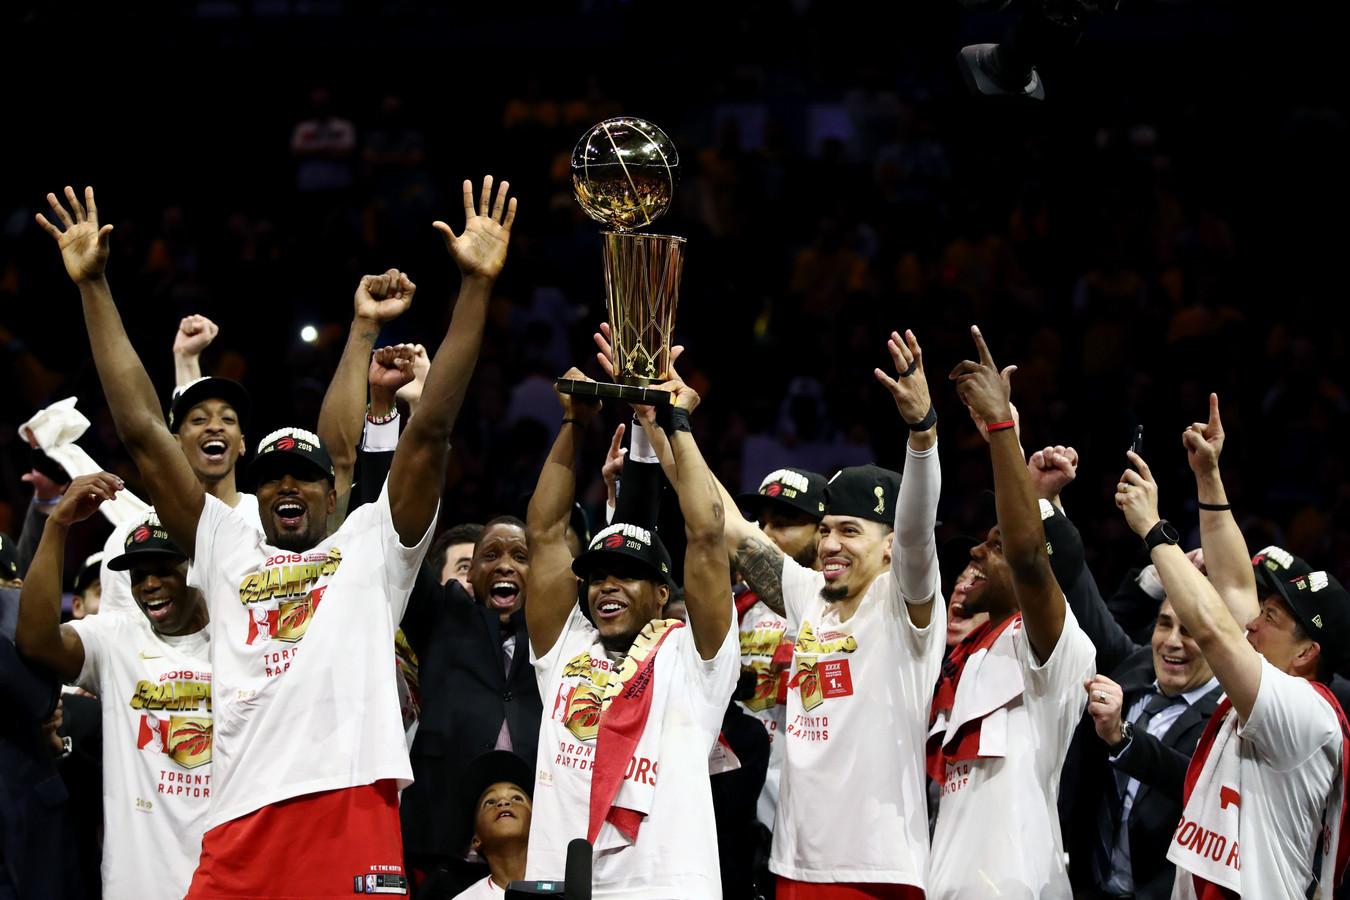 De spelers van de Toronto Raptors met de Larry O'Brien Trophy na de beslissende vierde zege in de NBA Finals.